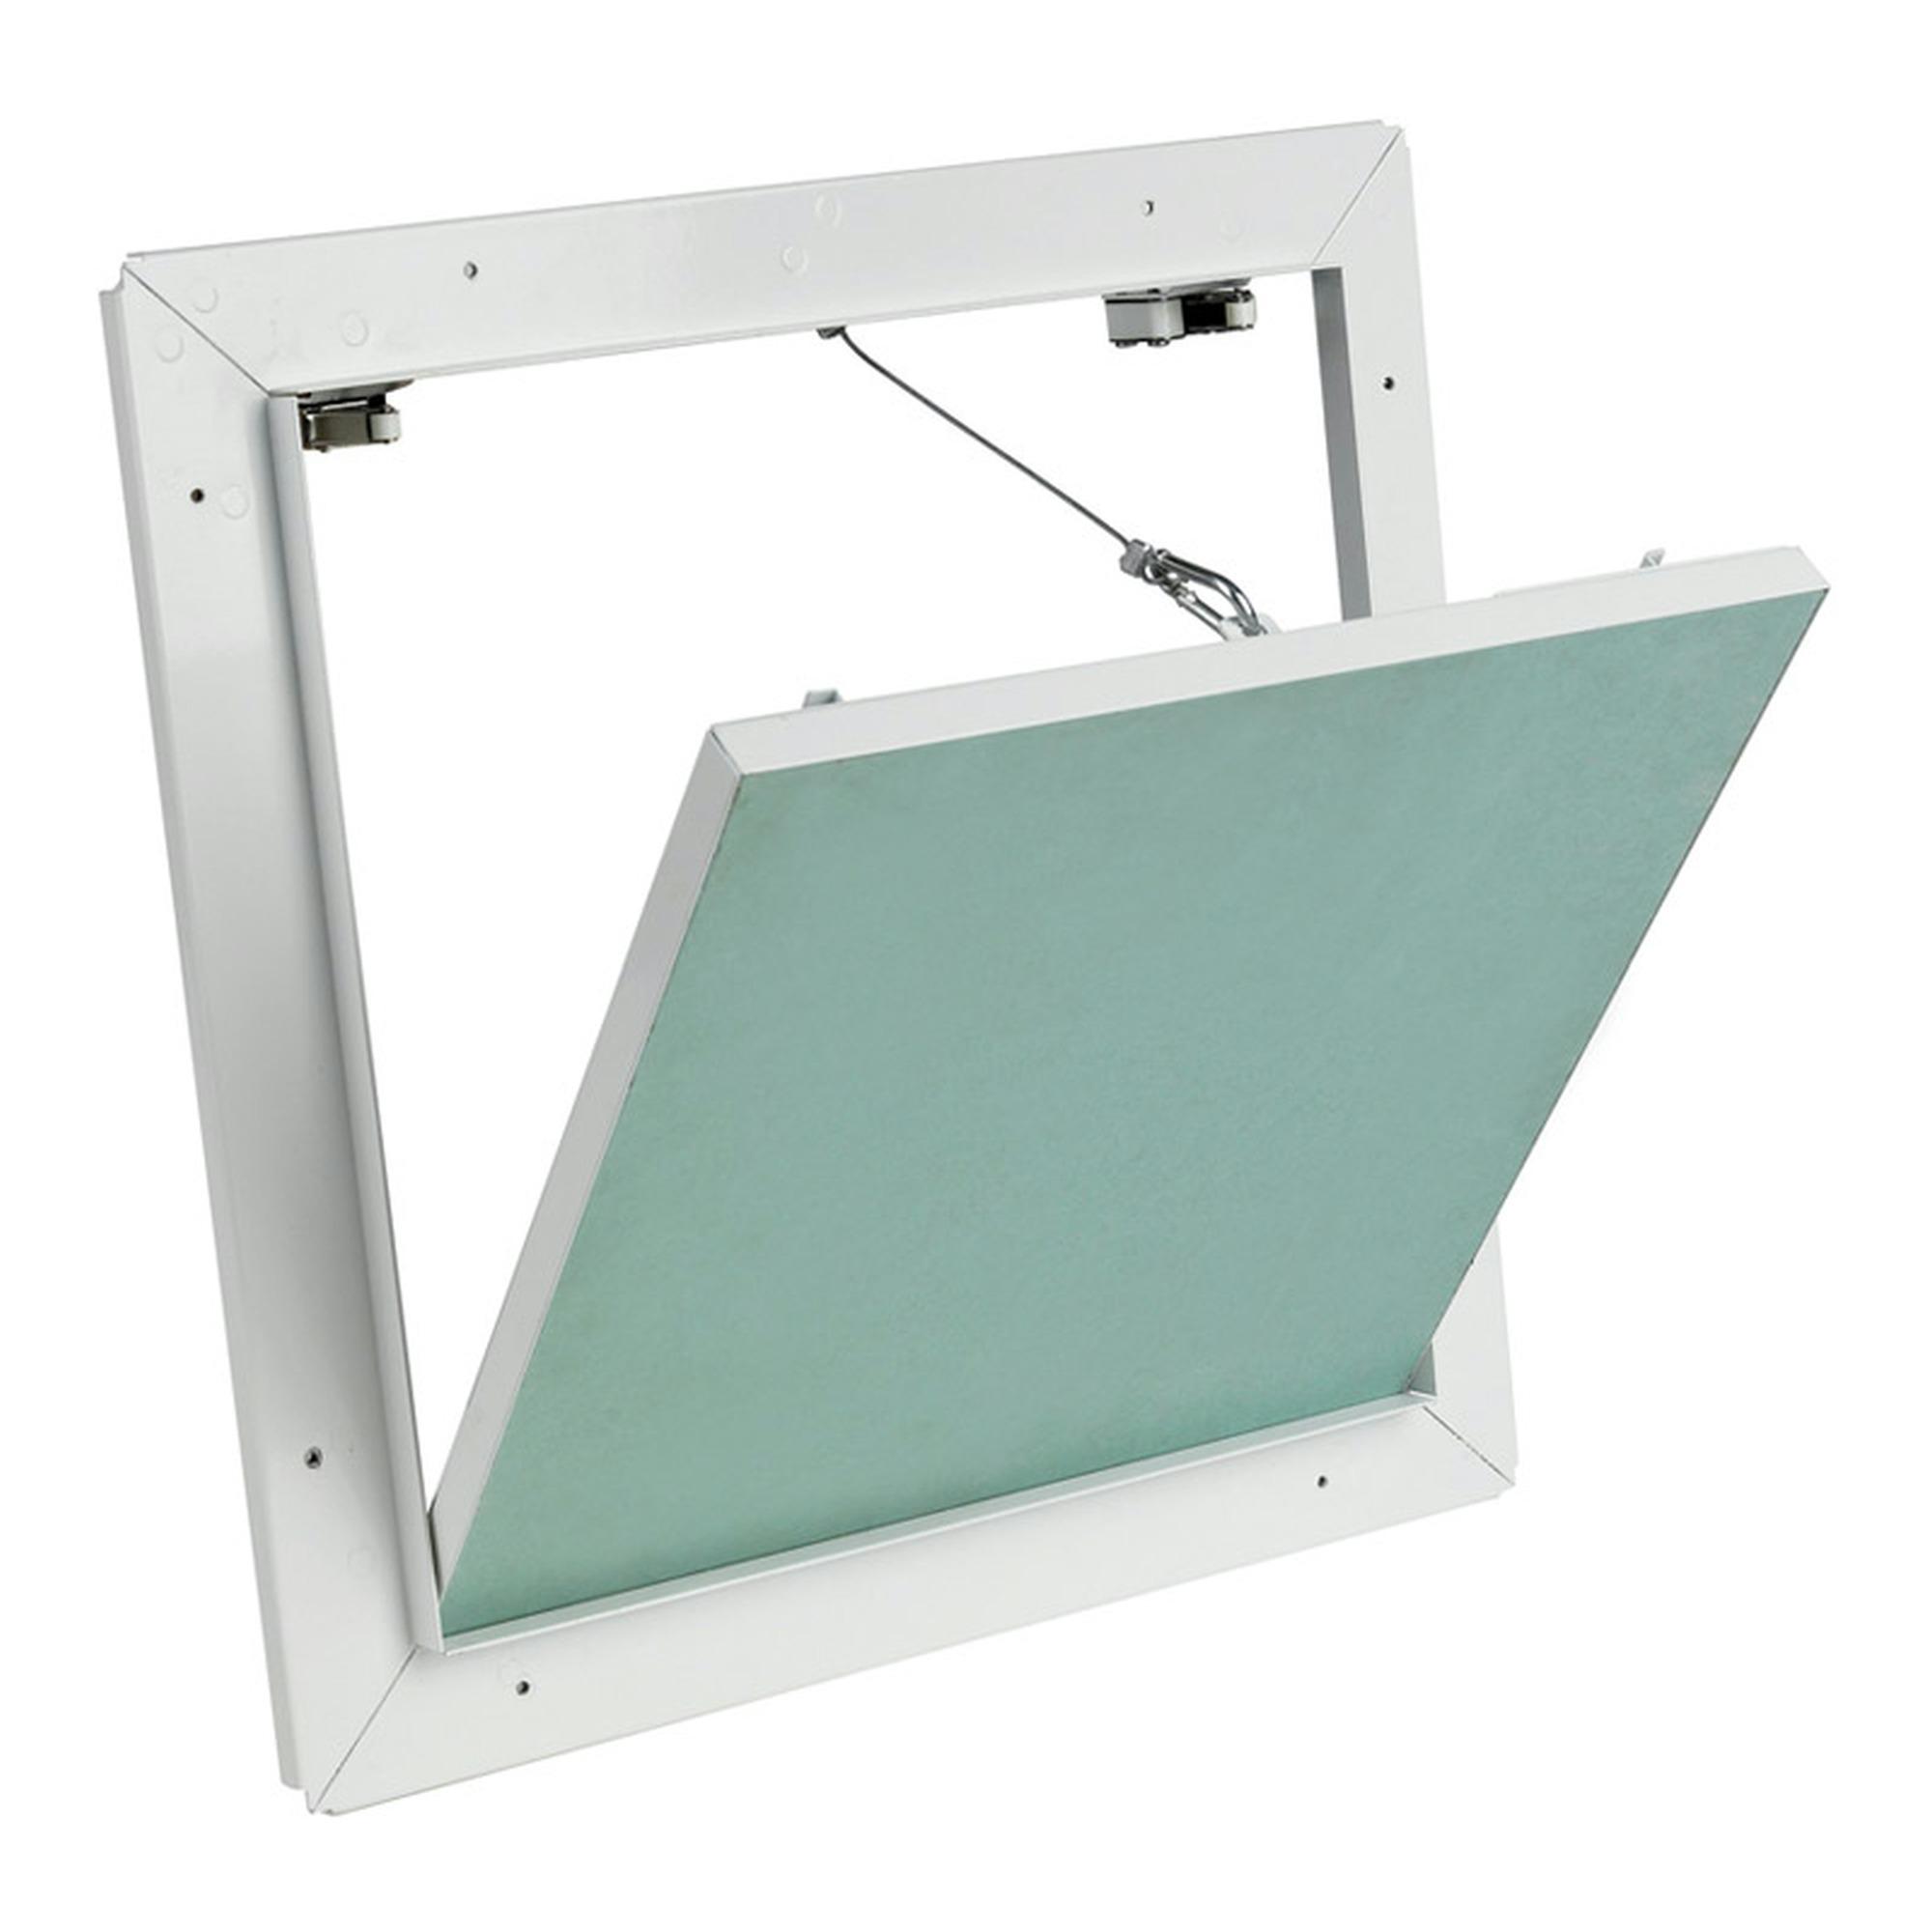 trappe de visite prolock easy gyproc 30x30 cm outillage accessoires plaques de pl tre. Black Bedroom Furniture Sets. Home Design Ideas